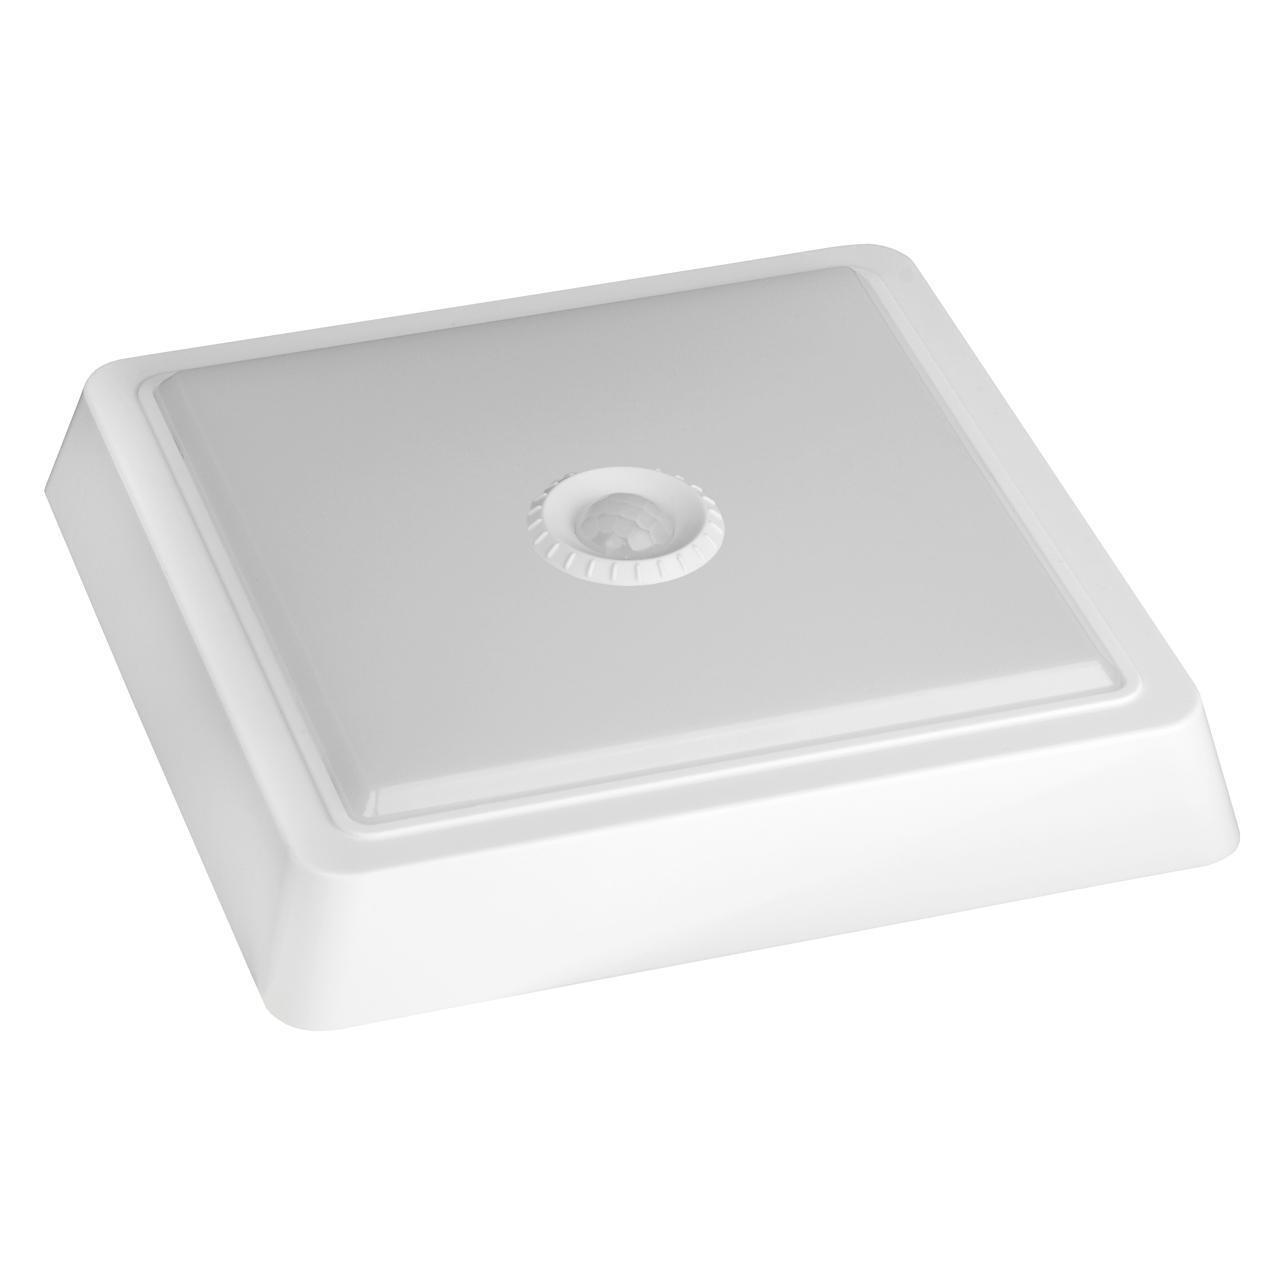 цена на Настенно-потолочный светильник Эра SPB-4-05-4K-MWS, LED, 5 Вт